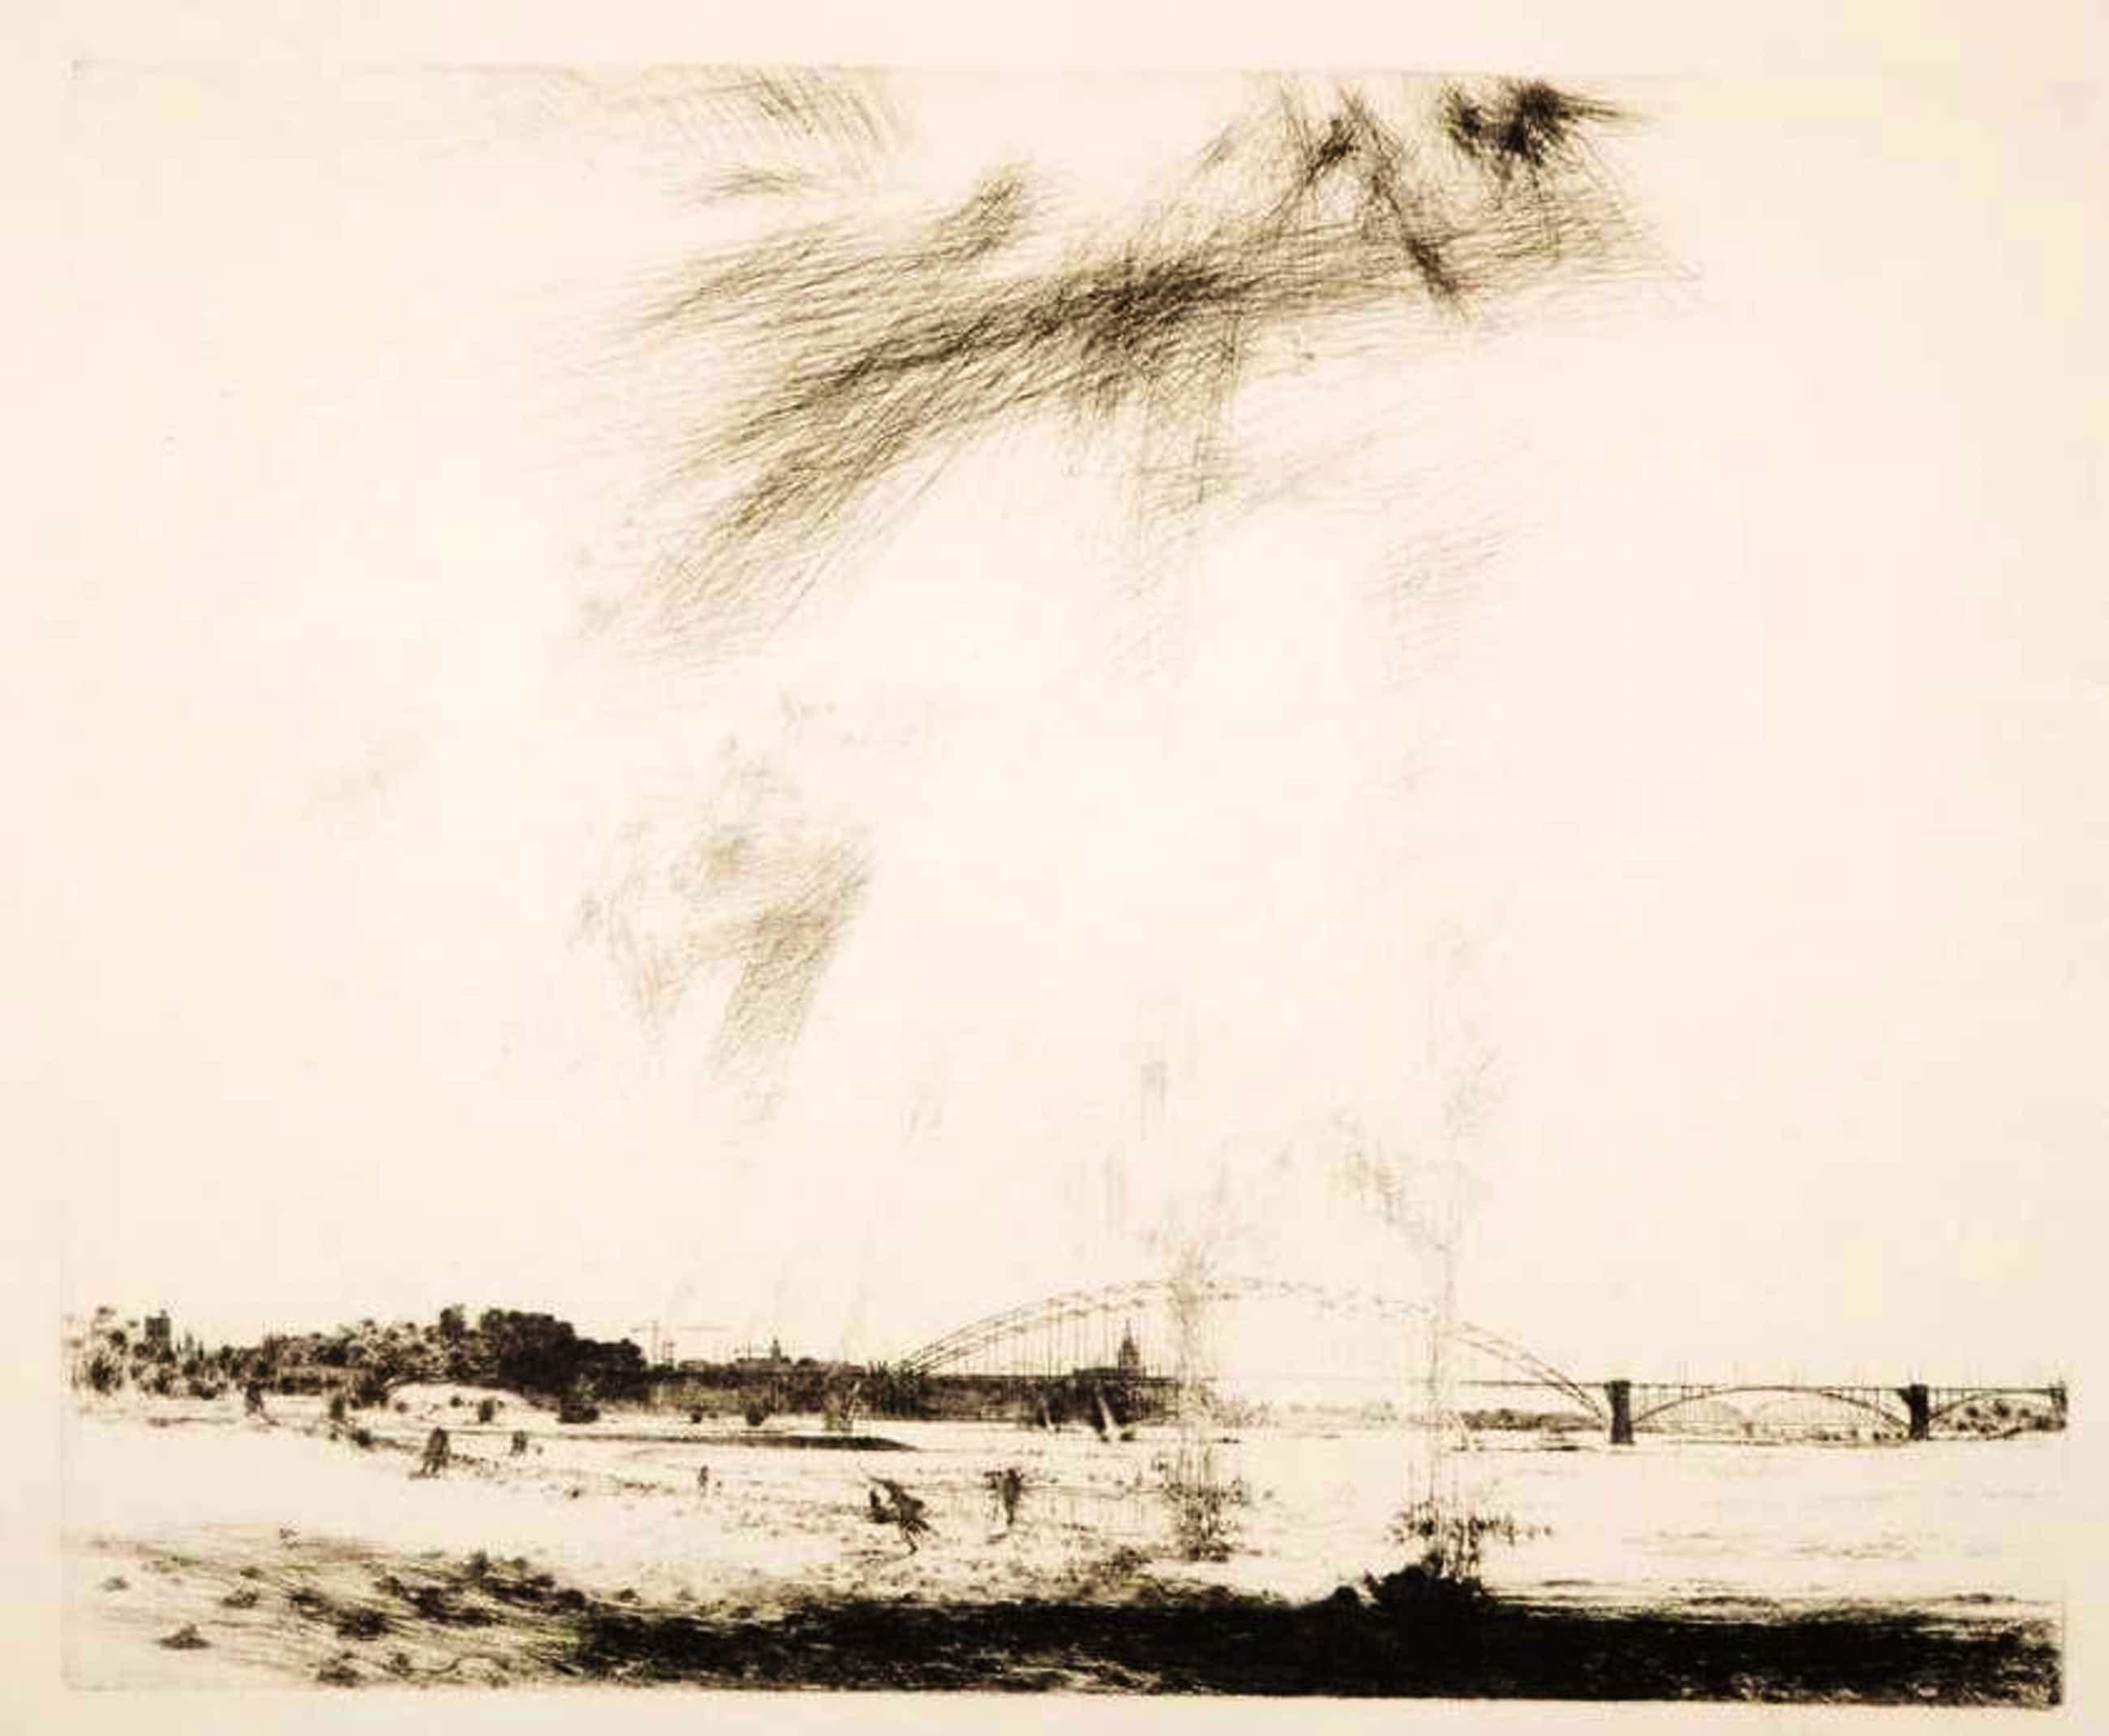 Willem den Ouden - Ets op rijstpapier, Z.T. Landschap met brug kopen? Bied vanaf 60!